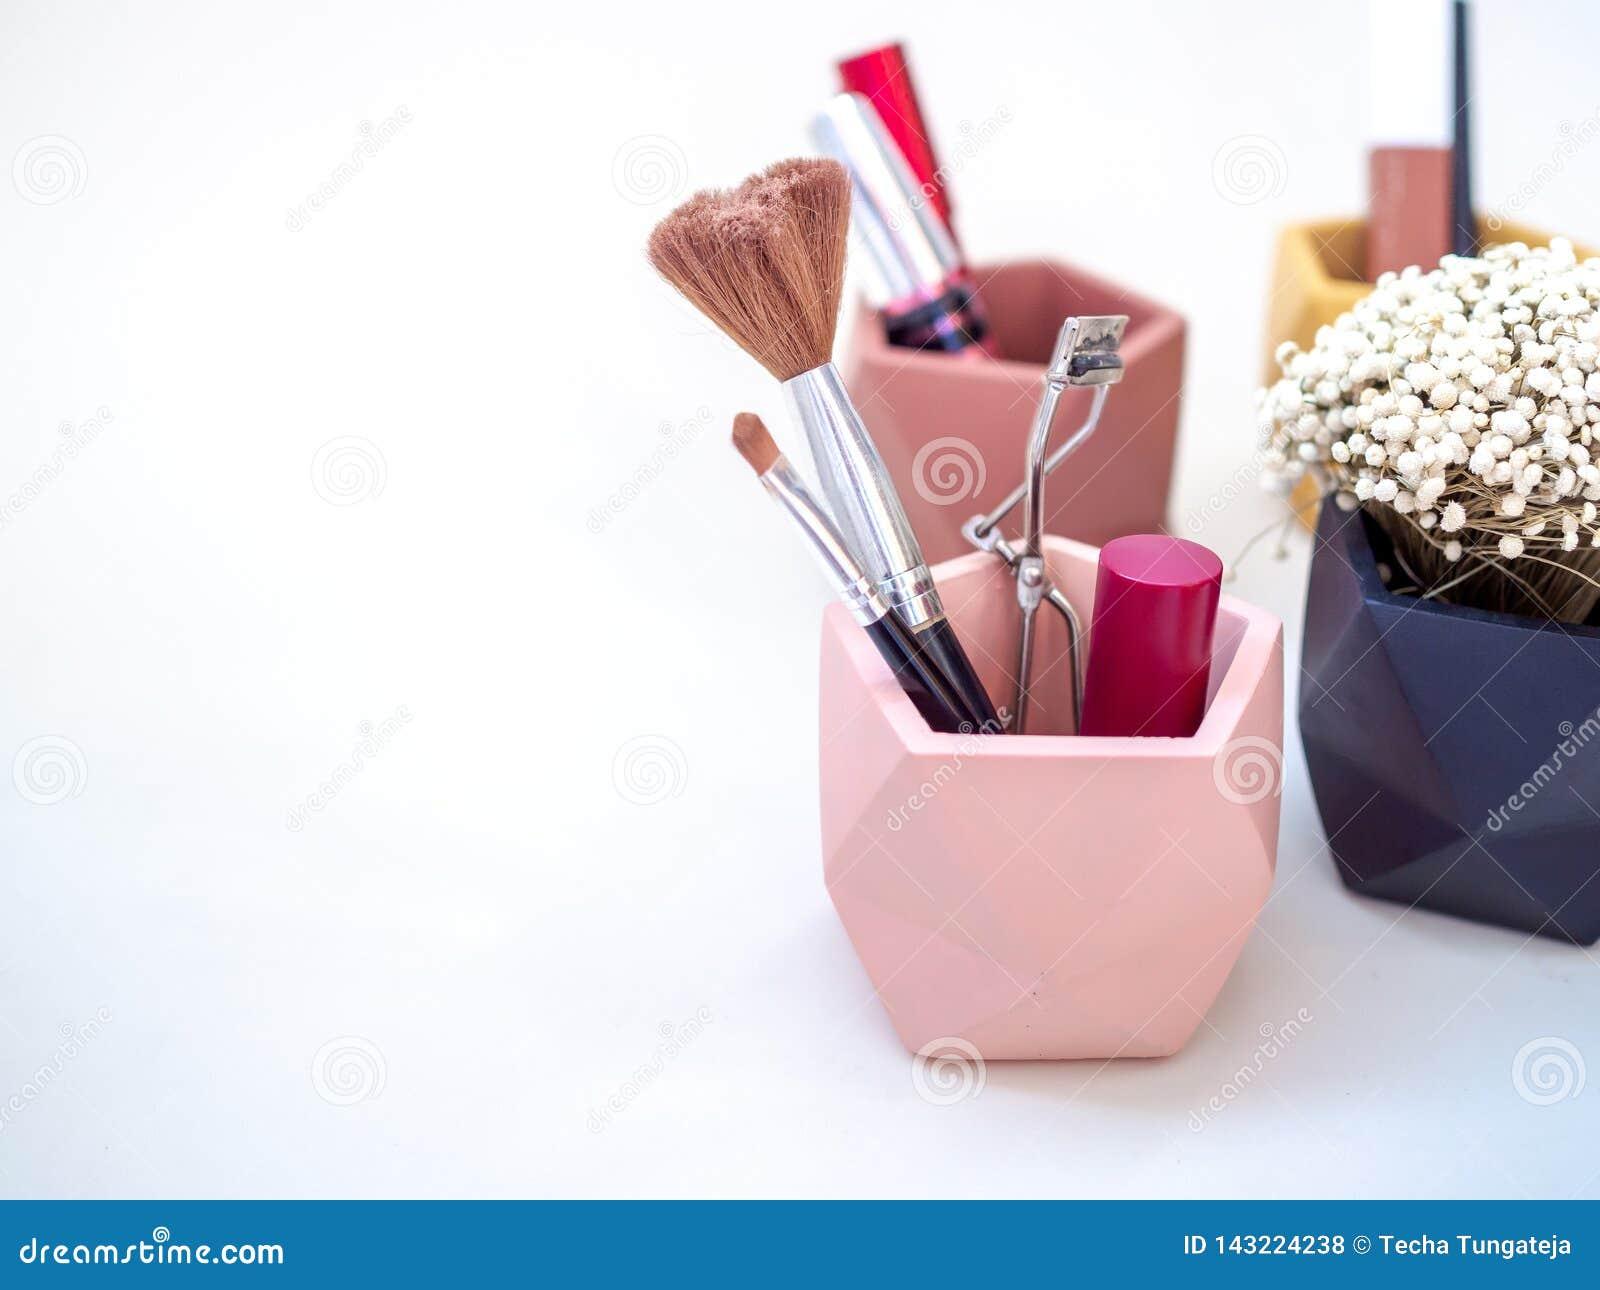 Καλλυντικό προϊόντων Makeup στο ρόδινο εμπορευματοκιβώτιο